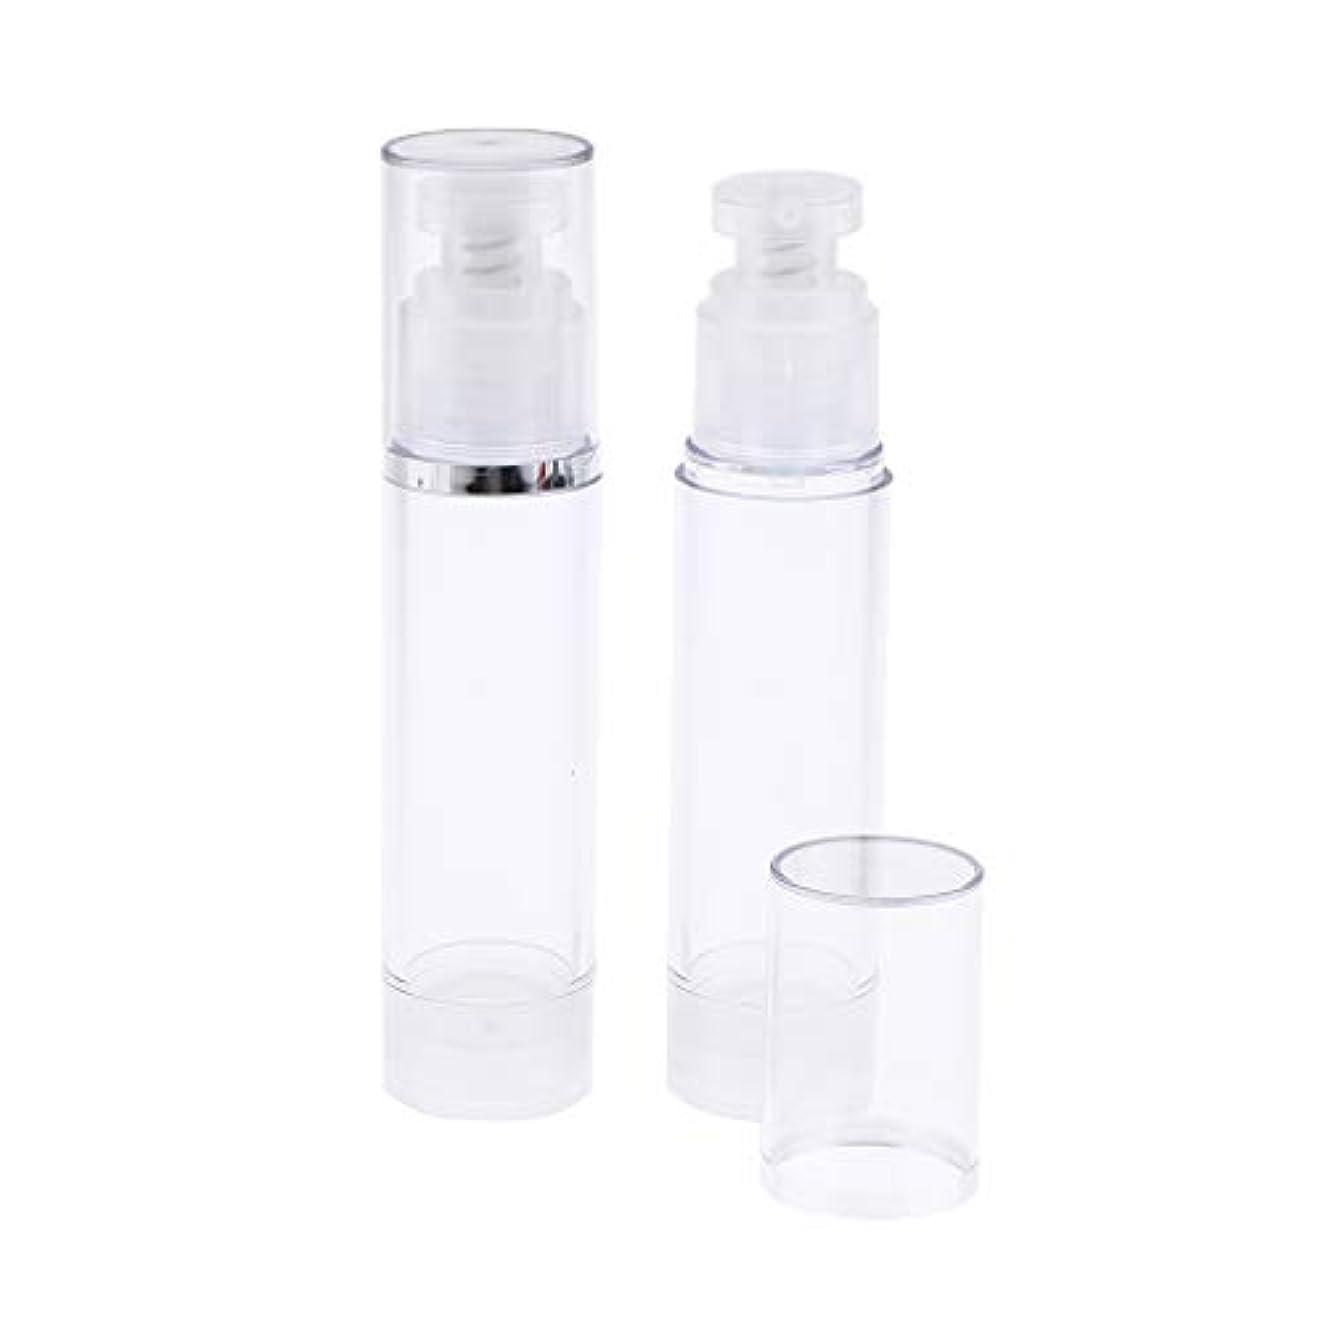 共和国前進マント詰替え容器 化粧品ボトル 2個 エアレスポンプボトル 全4サイズ - 50ミリリットル